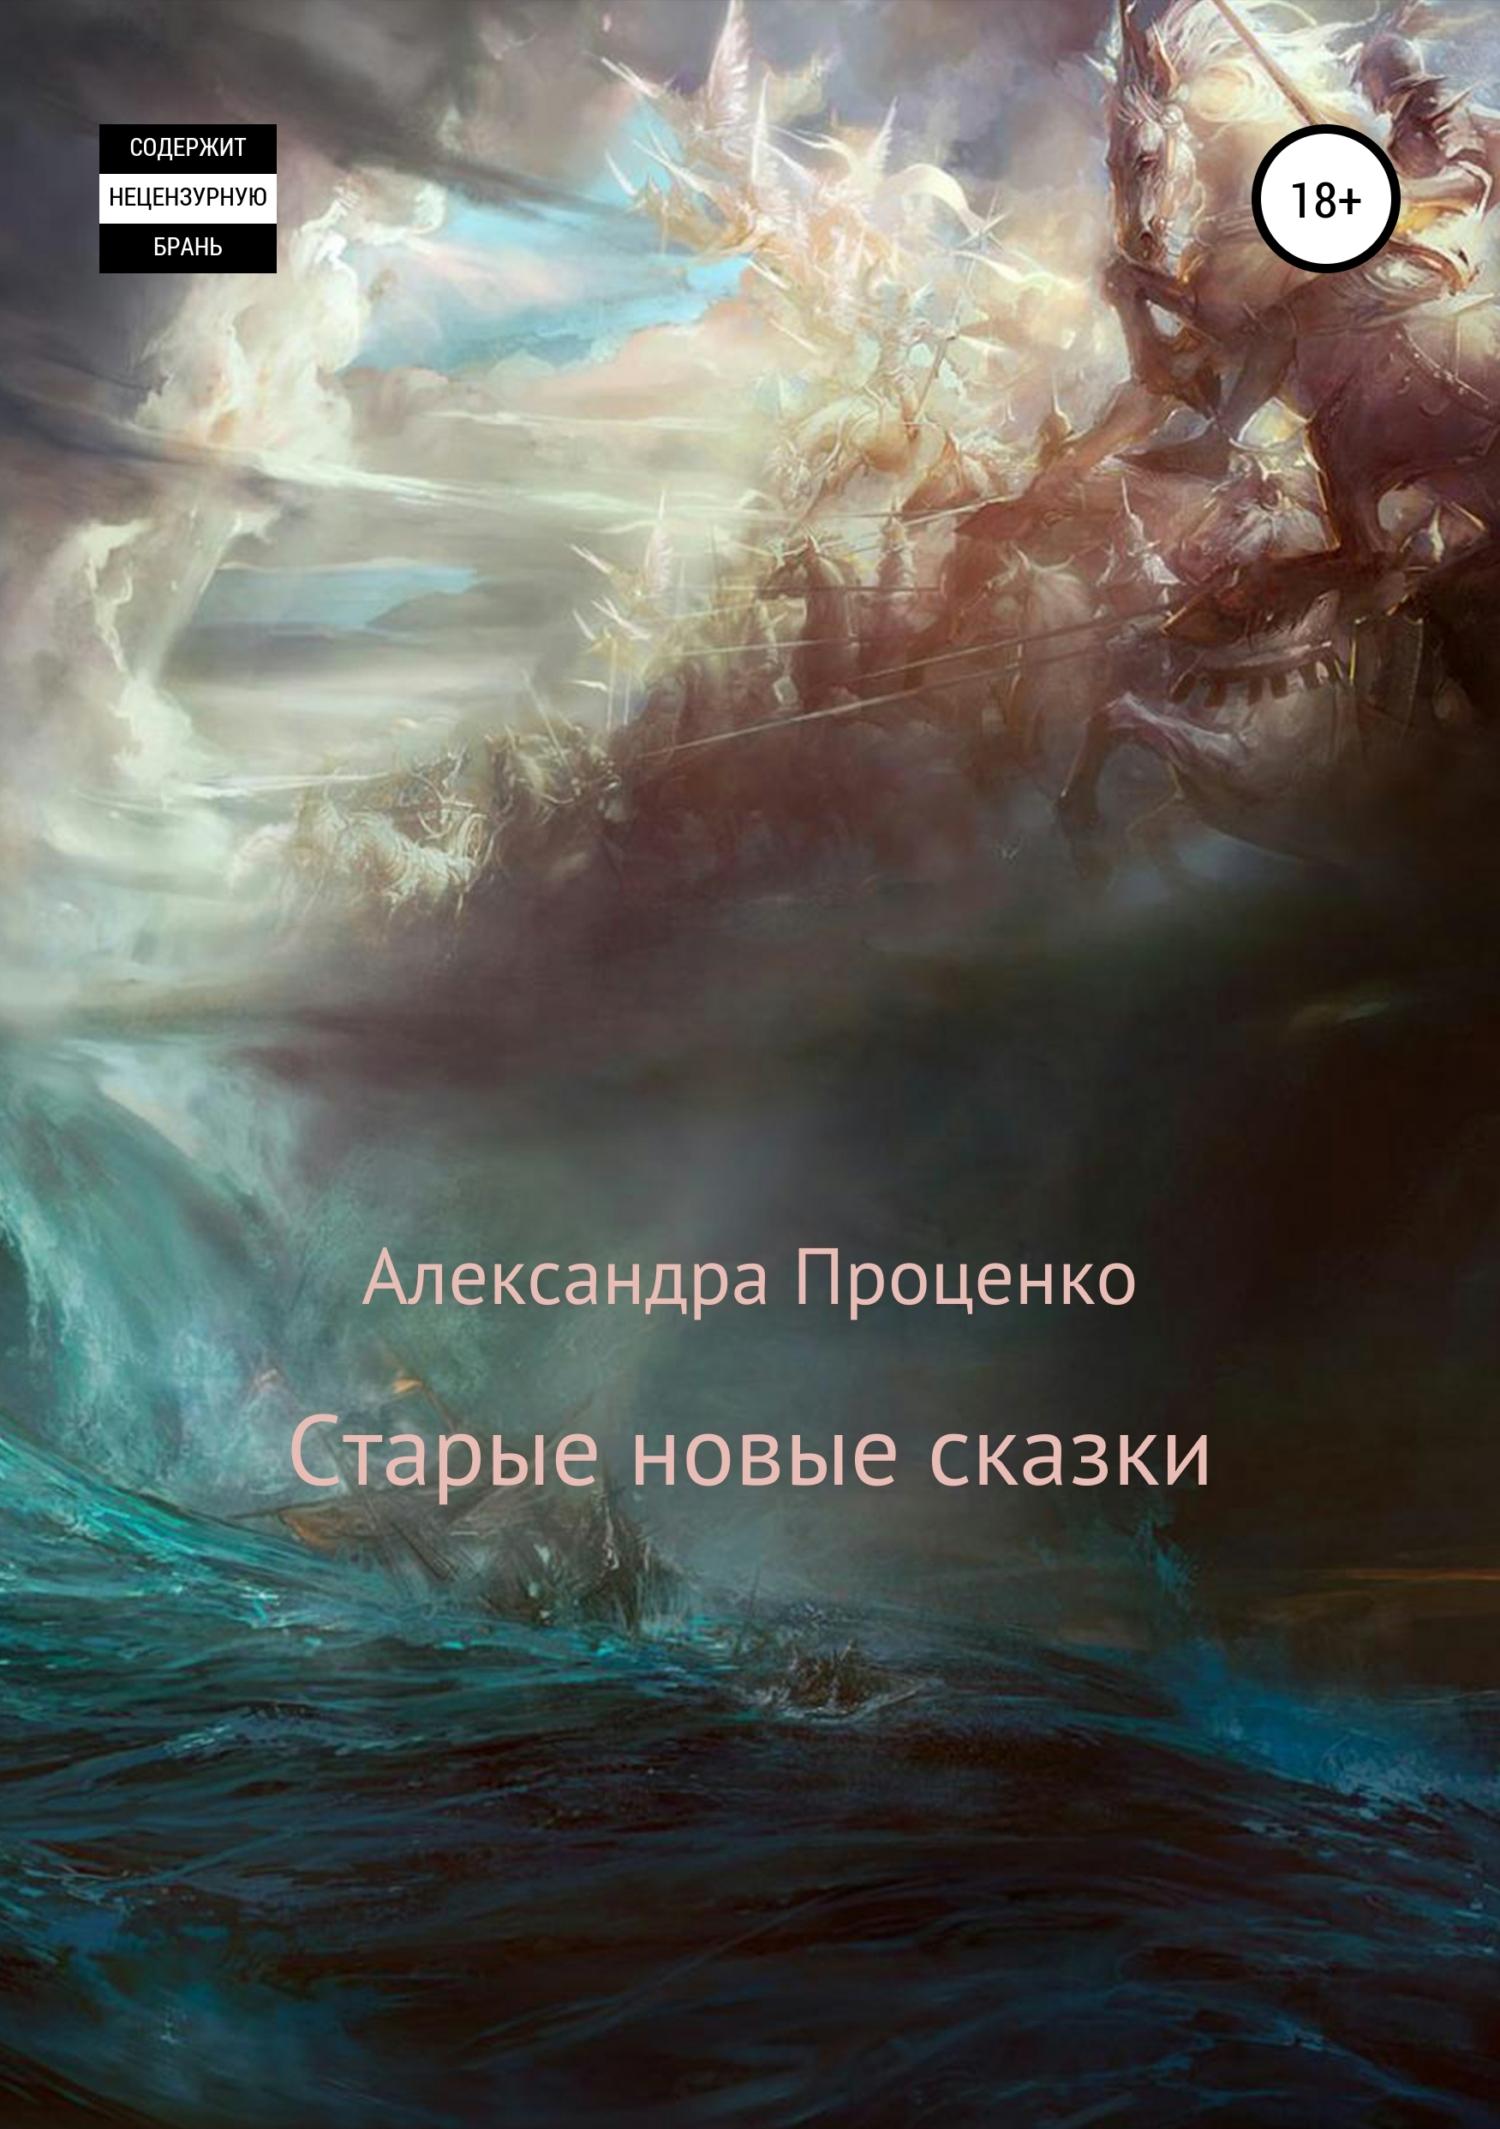 Электронная книга «Старые новые сказки» – Александра Проценко